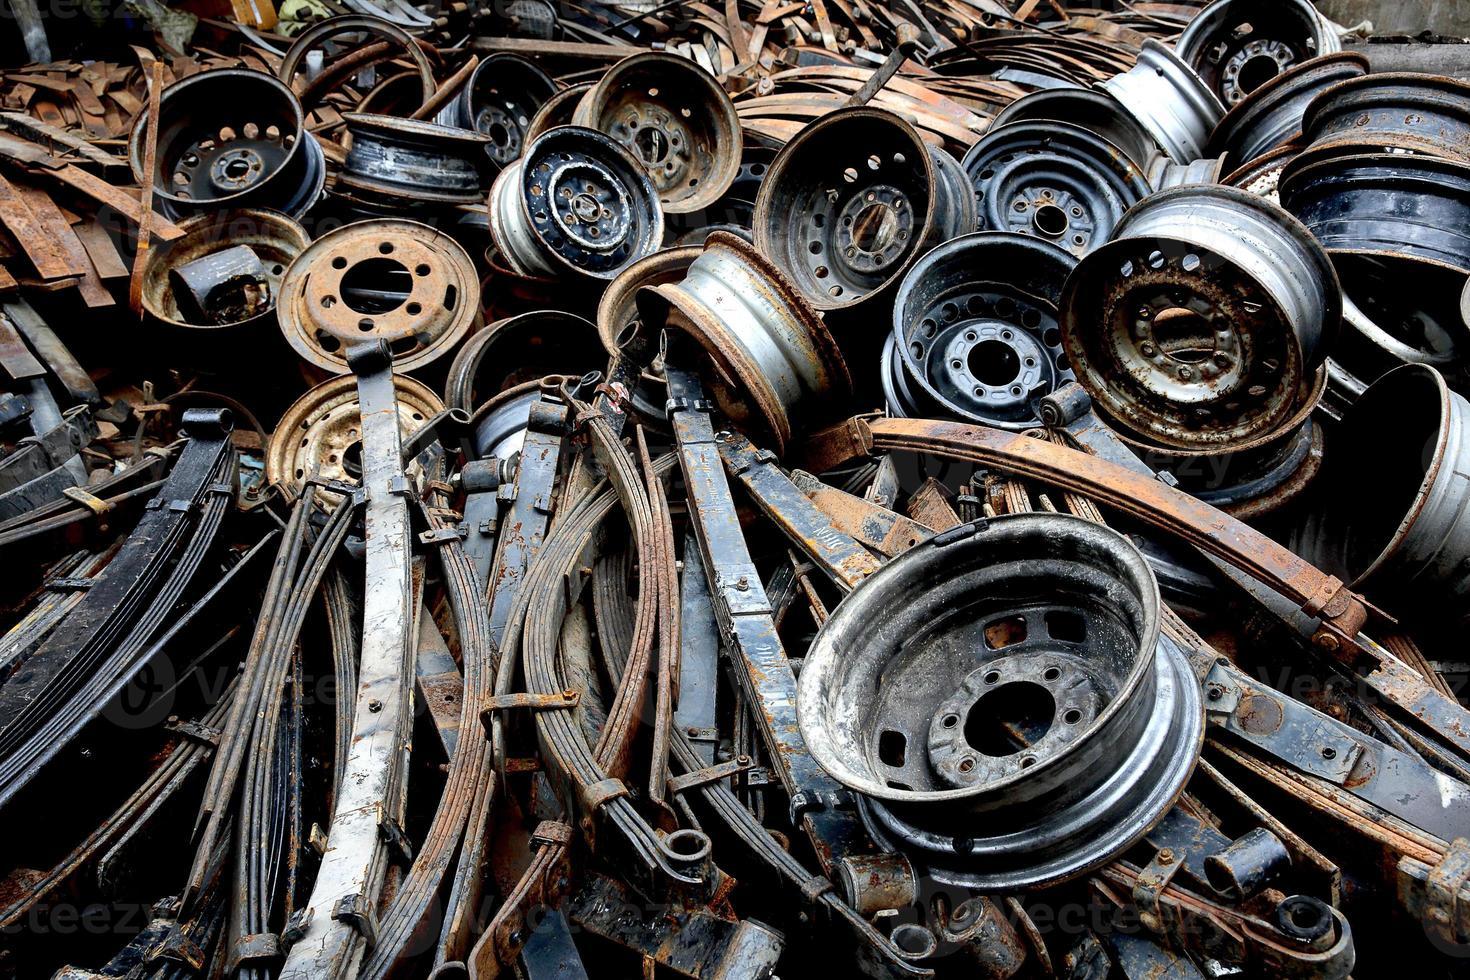 alte Ersatzteile für Automobile foto